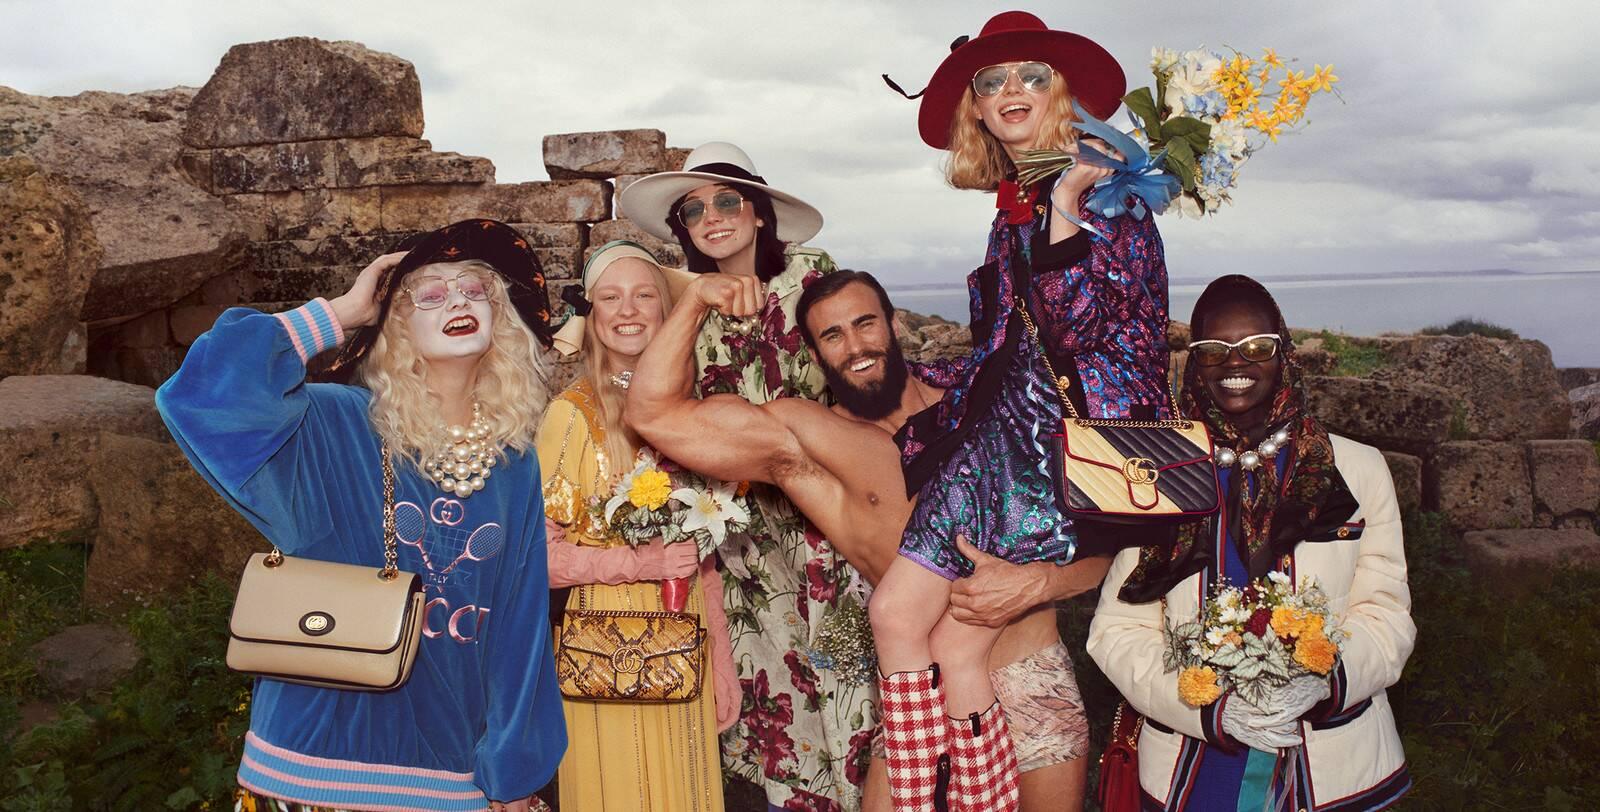 La campagna di Gucci a Selinunte